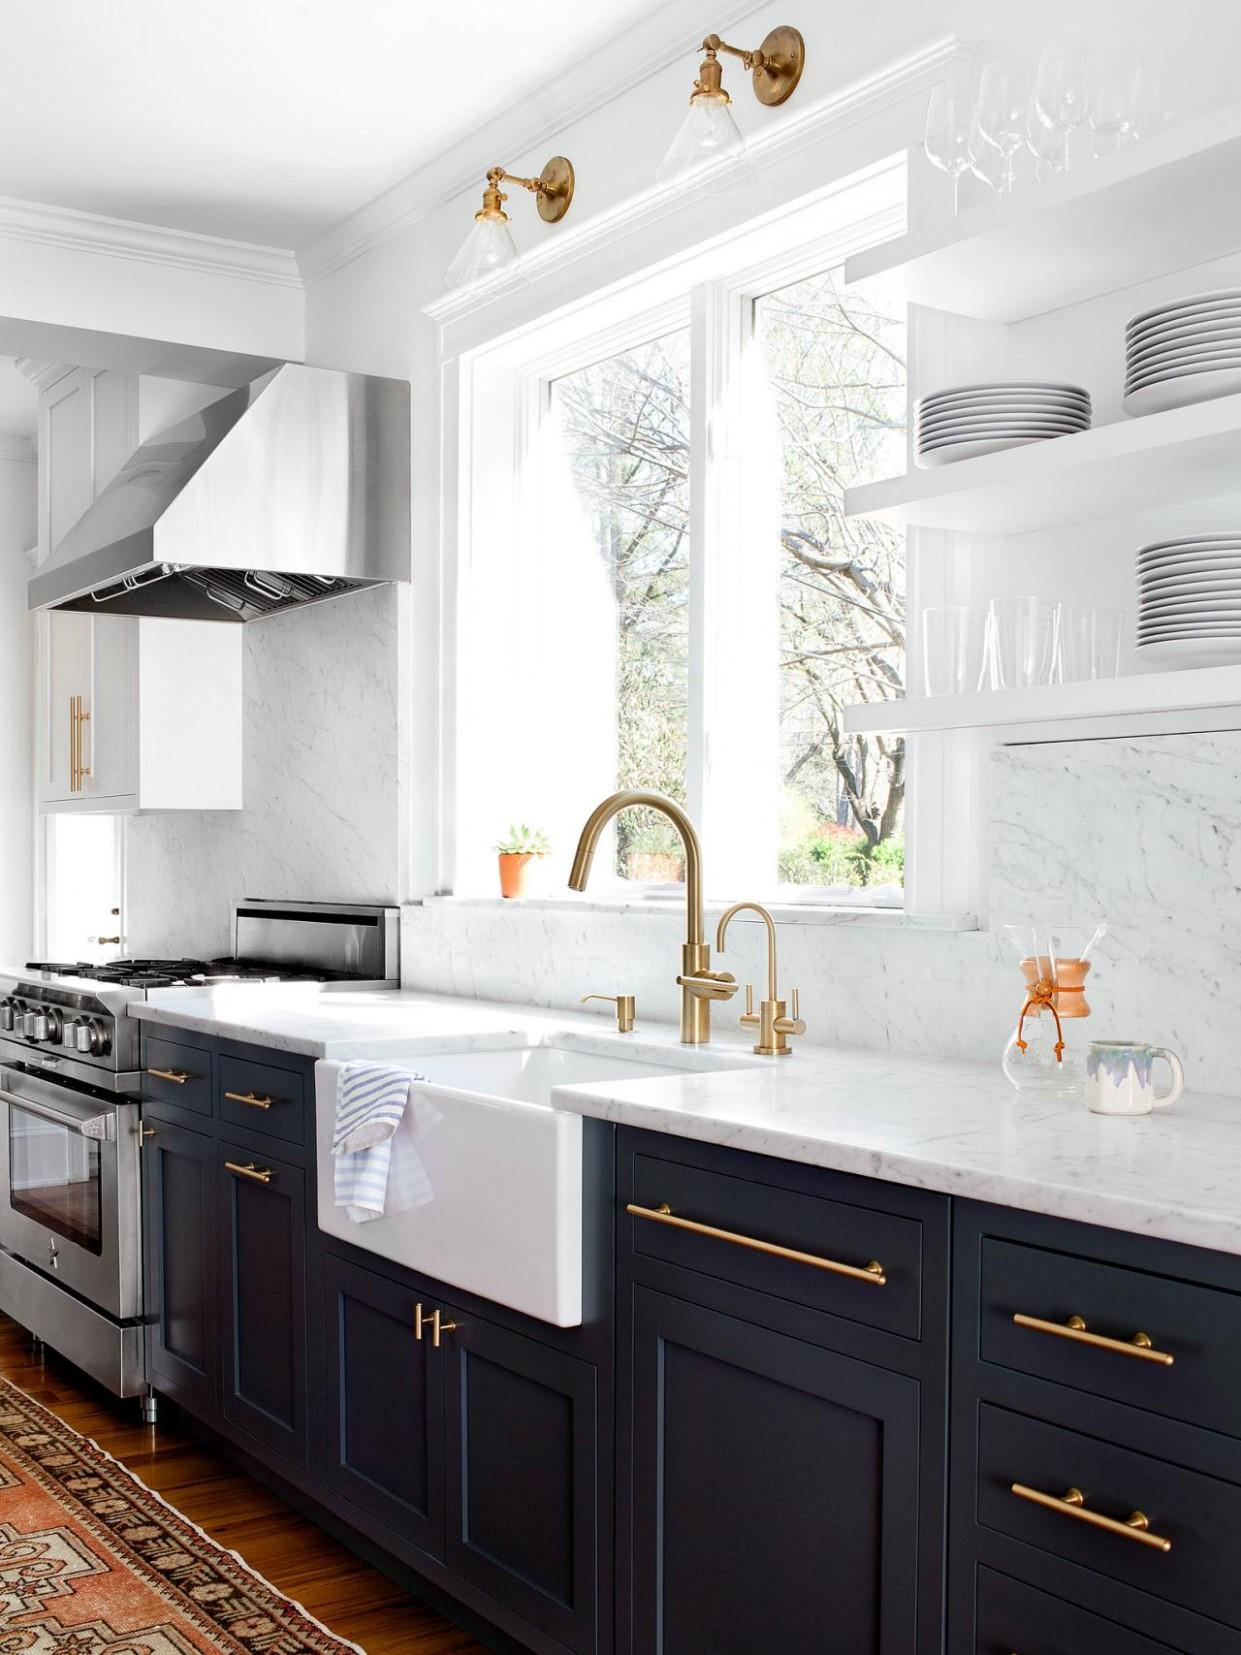 12 Gorgeous Kitchen Cabinet Hardware Ideas  HGTV - Long Cabinet Pulls Kitchen